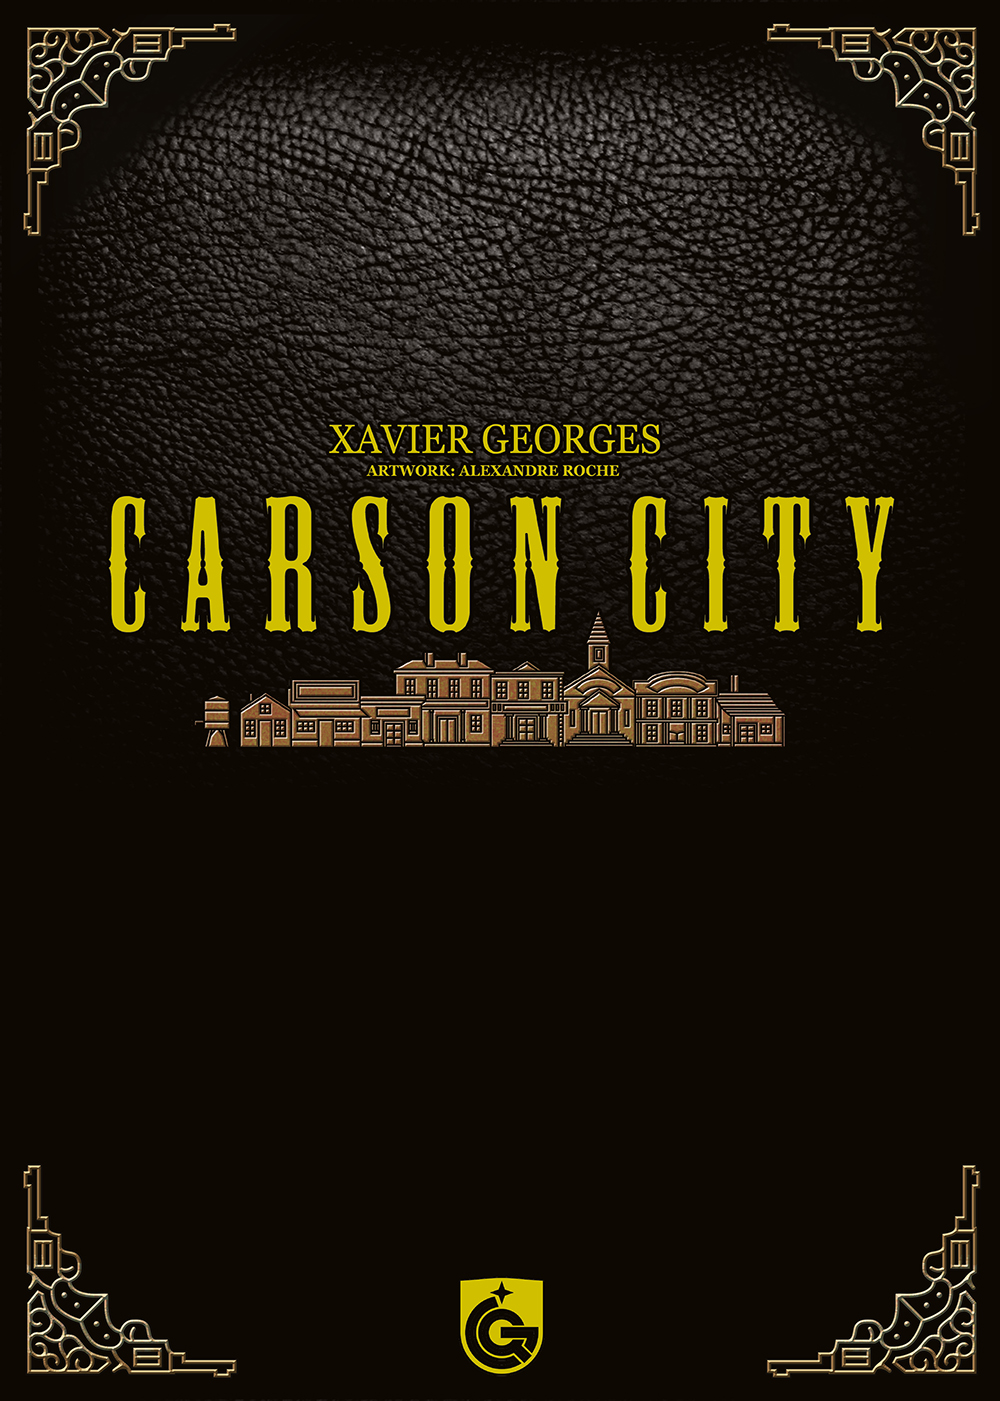 Carson City Big Box box